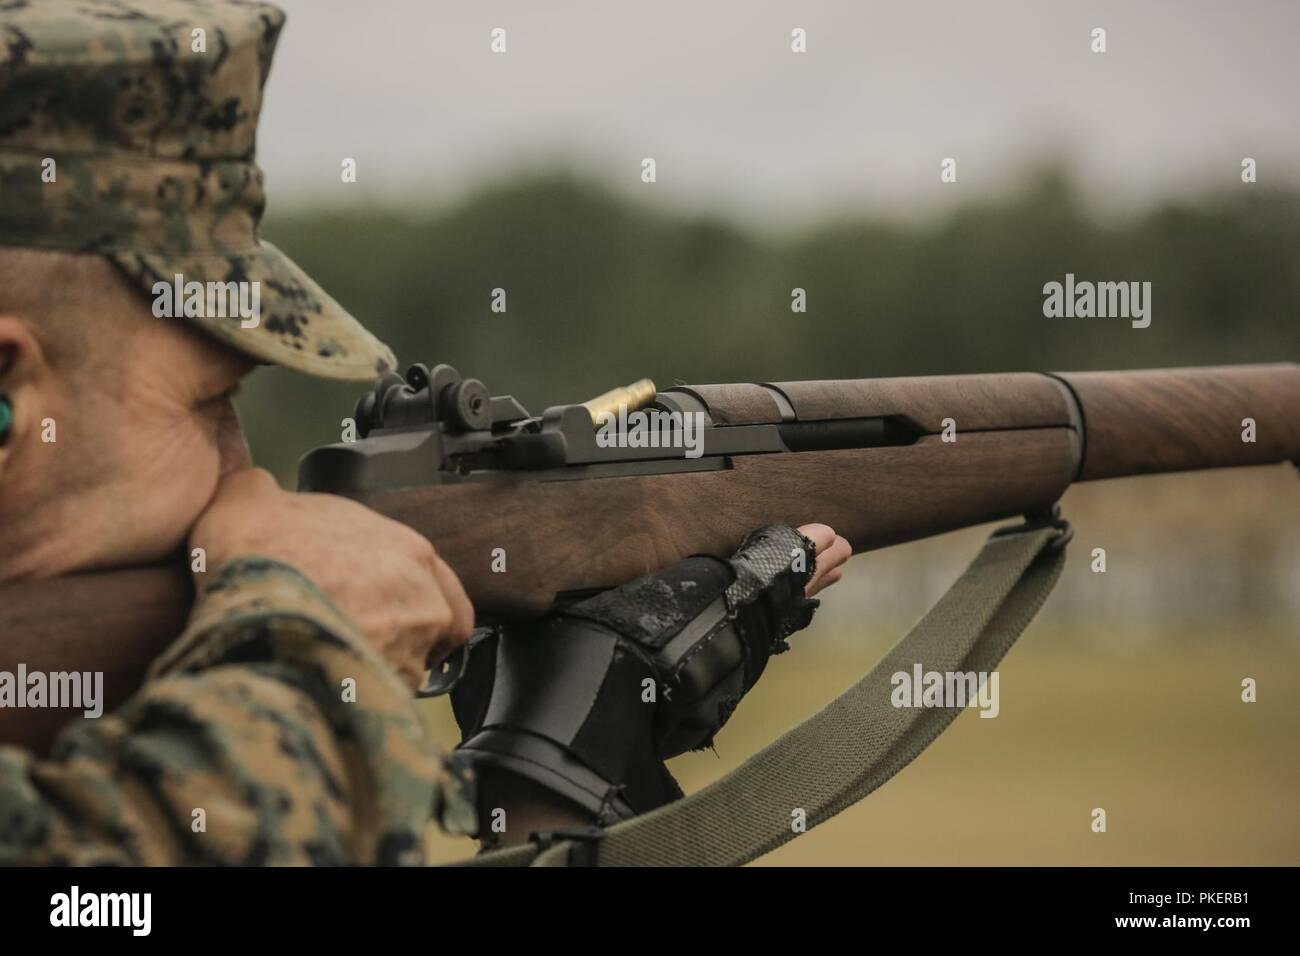 331c6c345e3 M1 Garand Stock Photos   M1 Garand Stock Images - Page 3 - Alamy